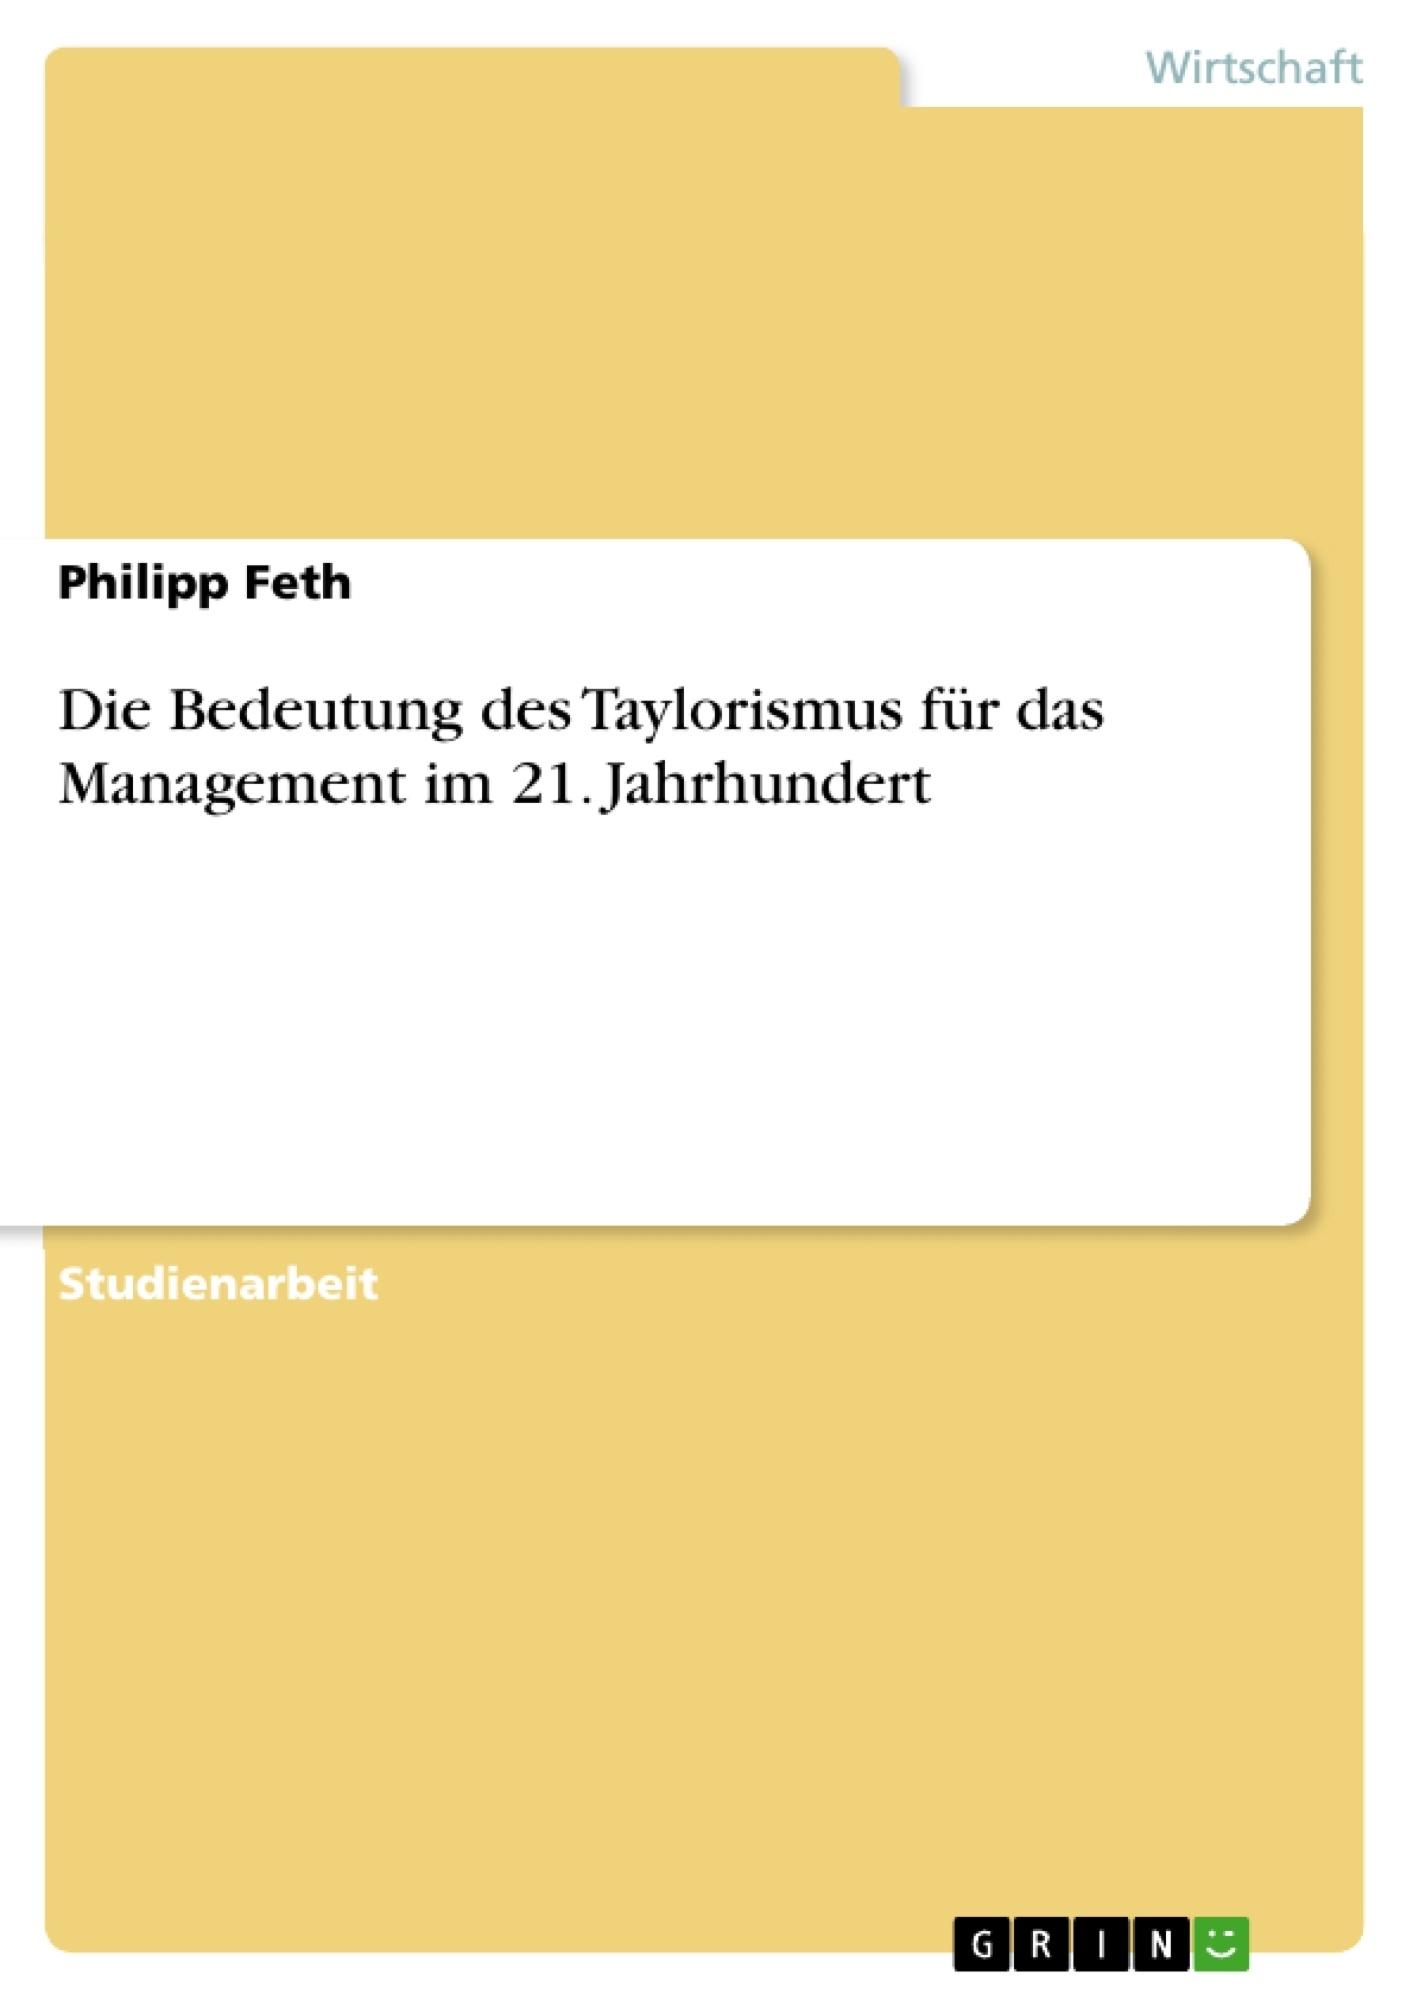 Titel: Die Bedeutung des Taylorismus für das Management im 21. Jahrhundert